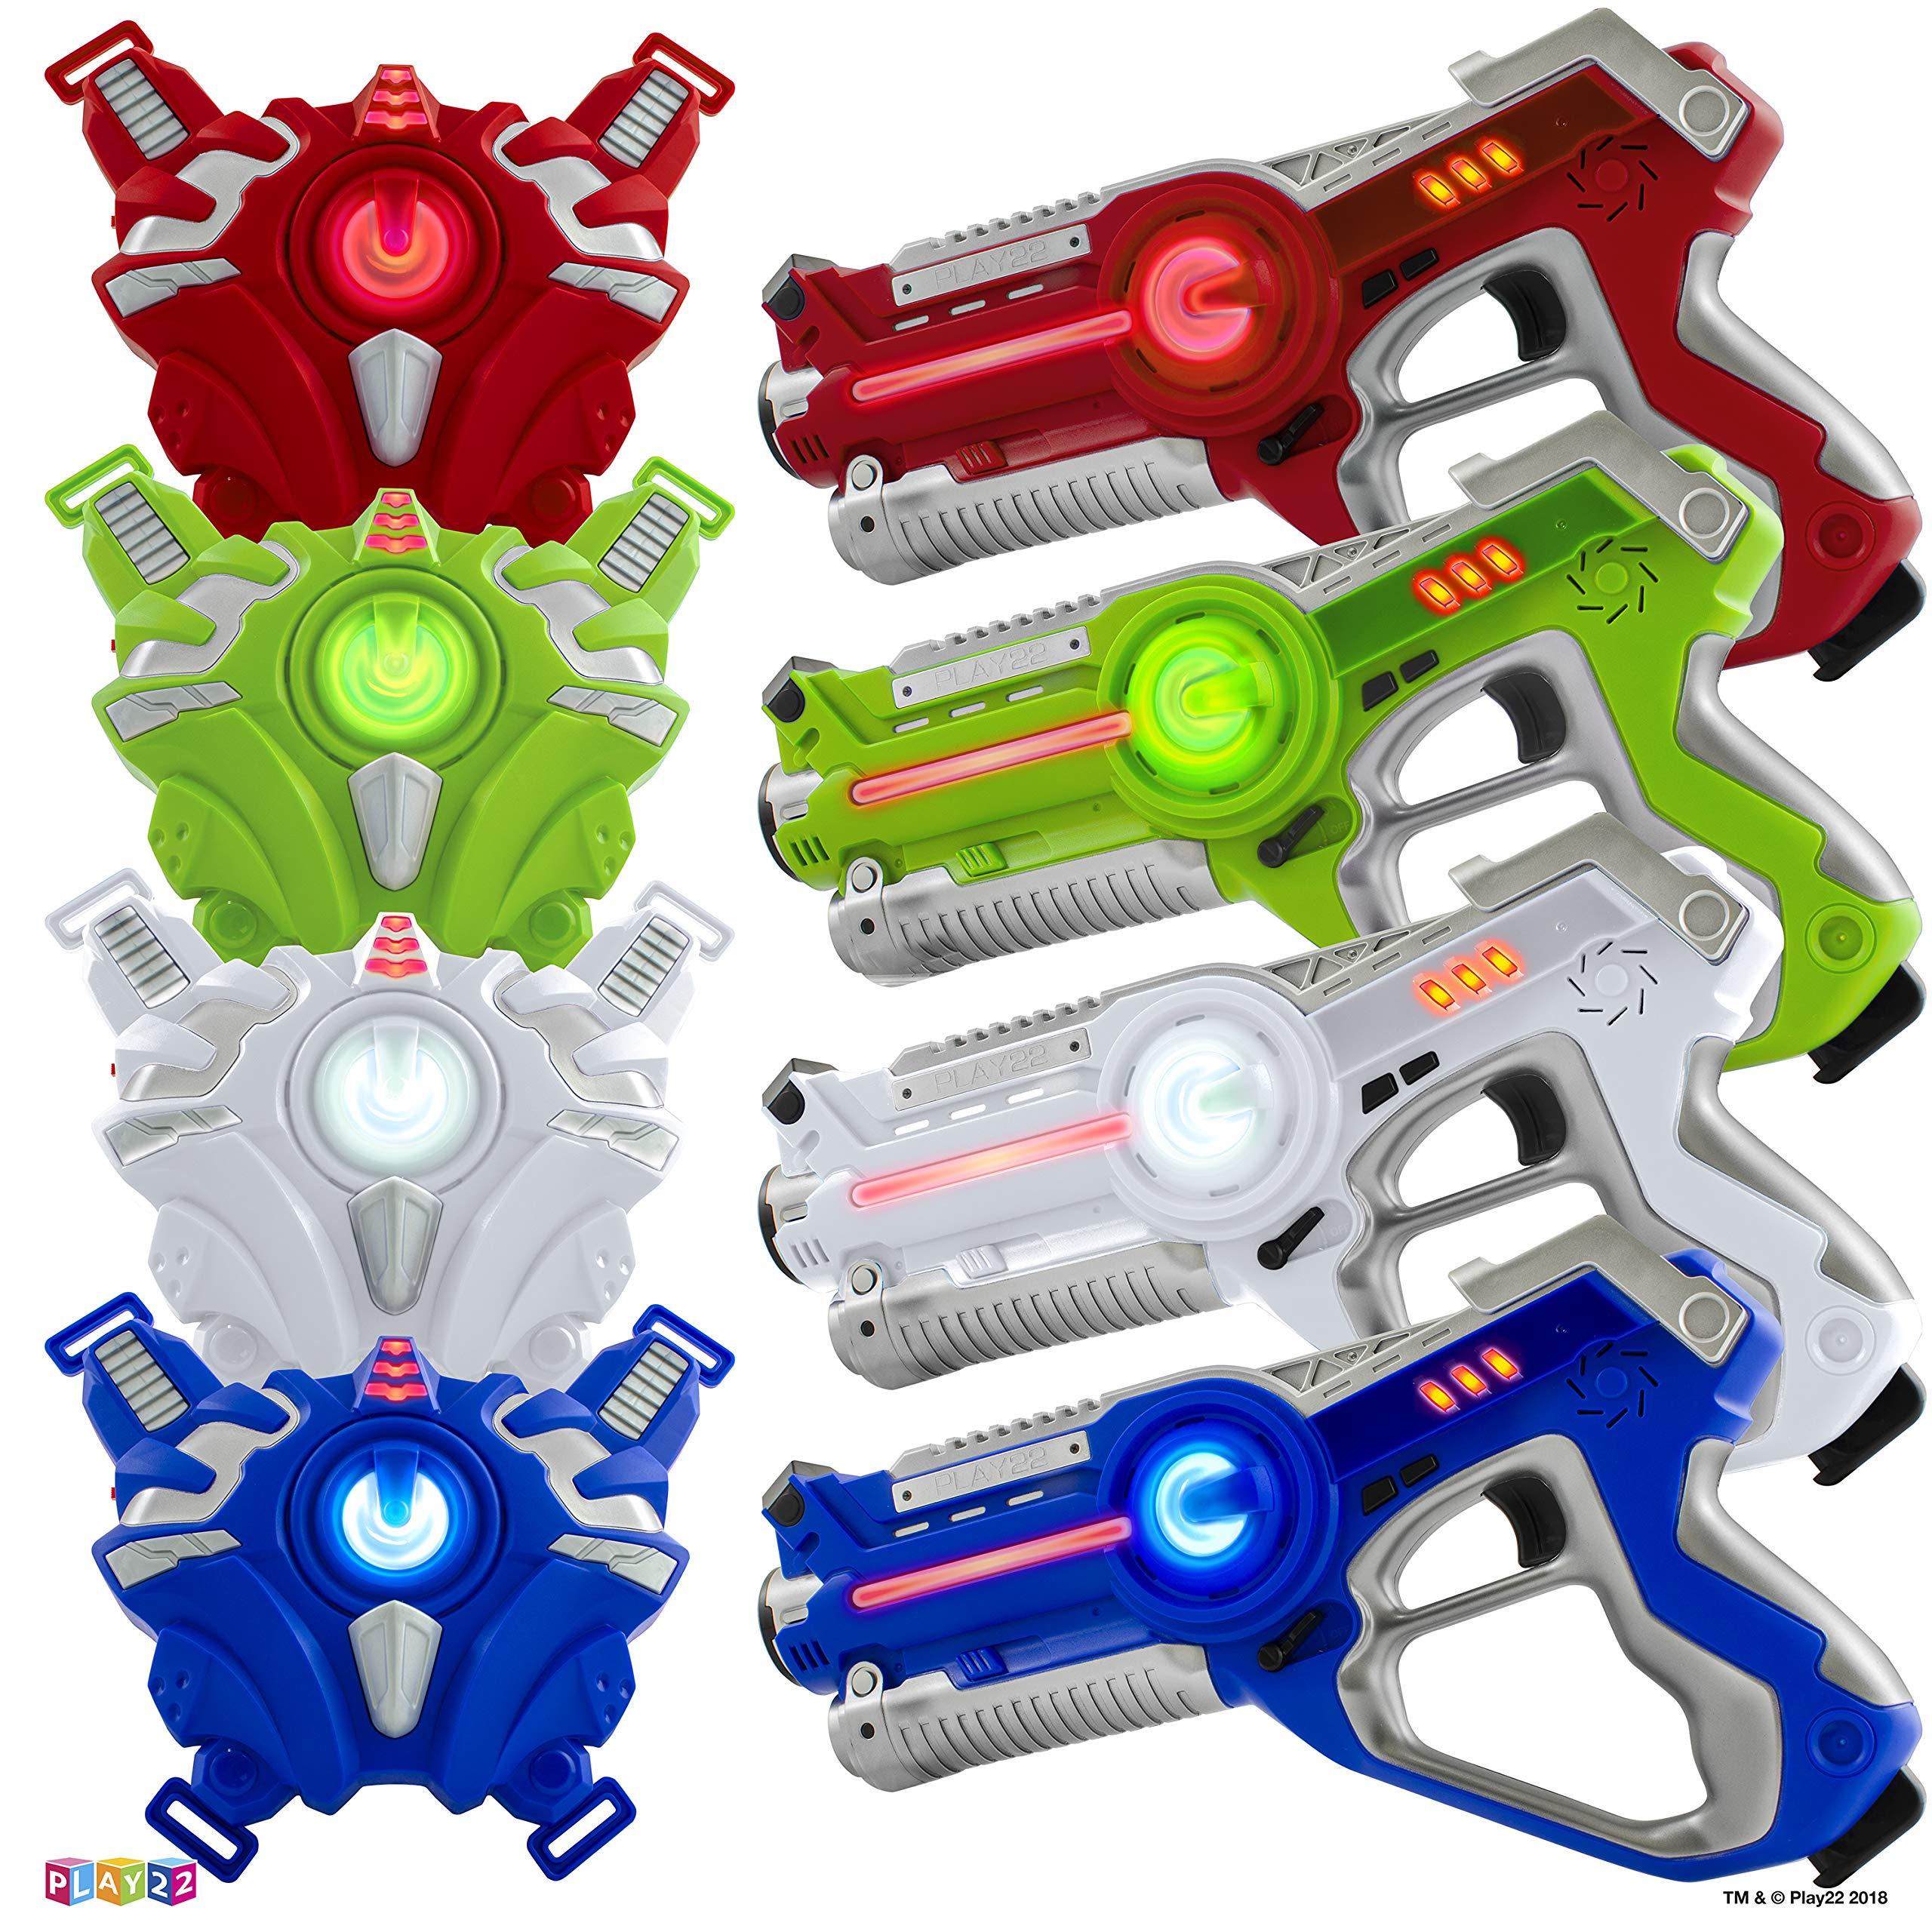 Play22 Laser Tag Sets Gun Vest - Infrared Laser Tag Set 4 Guns 4 Vests - Laser Tag Gun Toys for Indoor Outdoor - Laser Tag Game Set Best Gift Boys Girls – Original